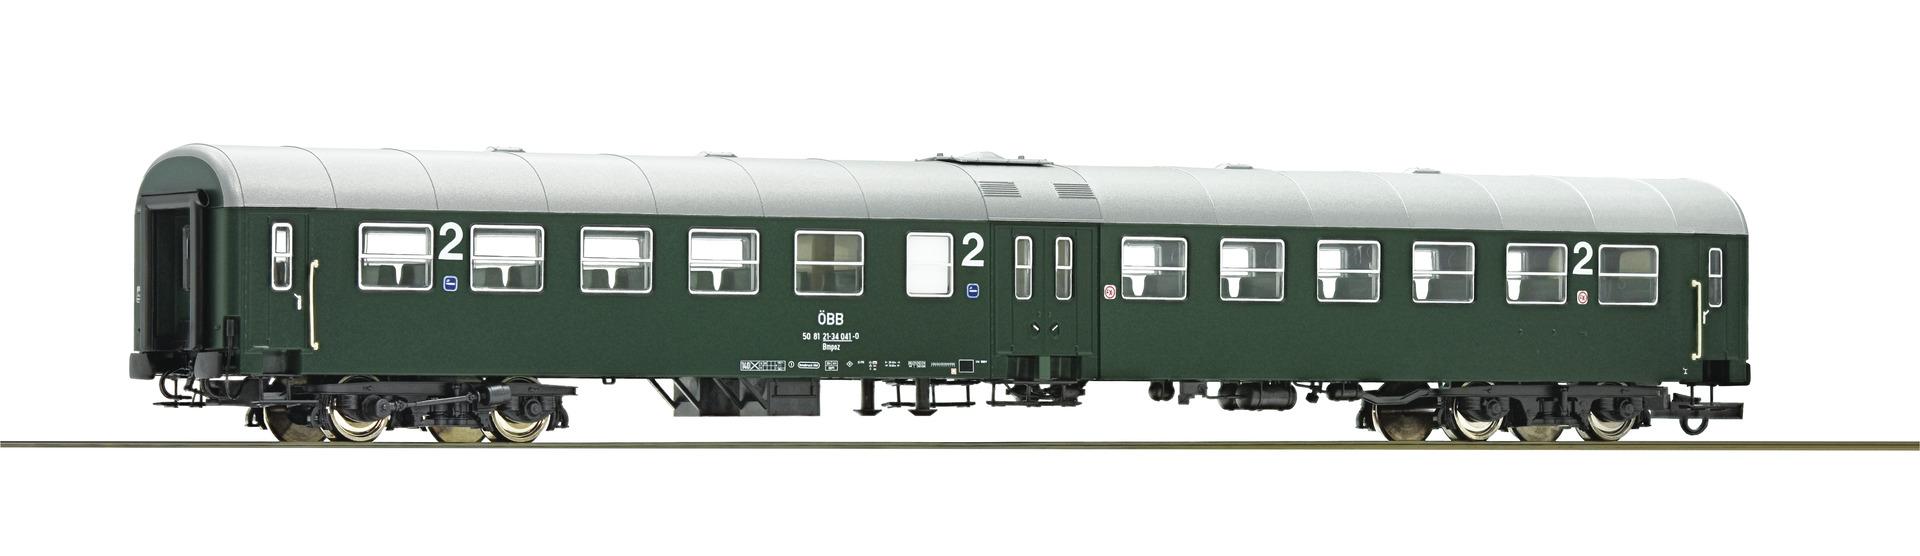 Roco64669 OBB class2